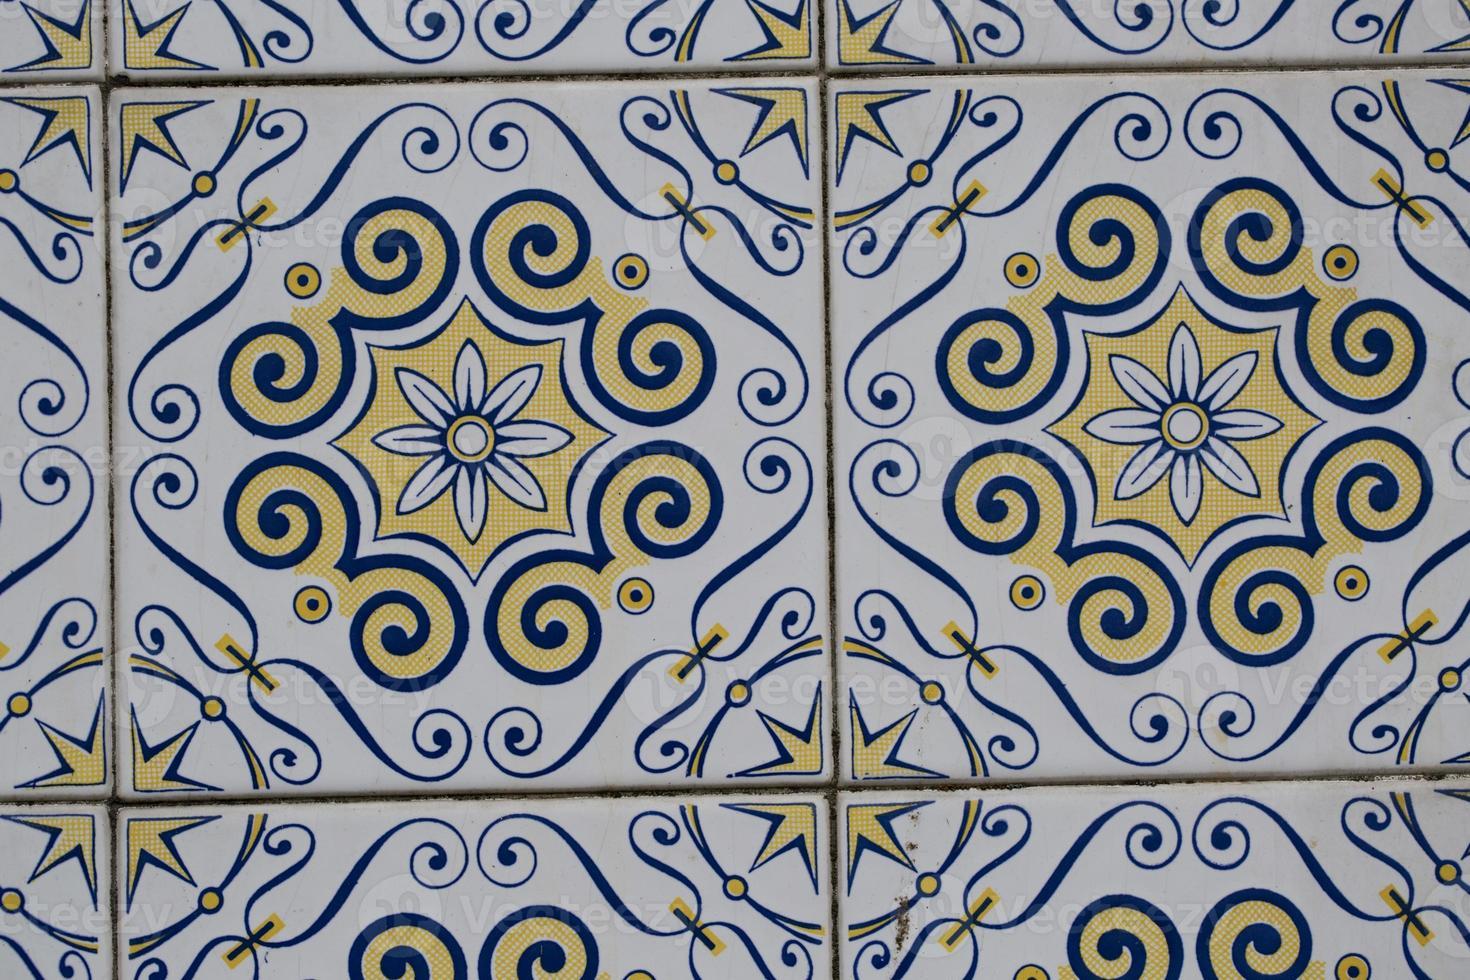 détail de carreaux émaillés portugais. photo